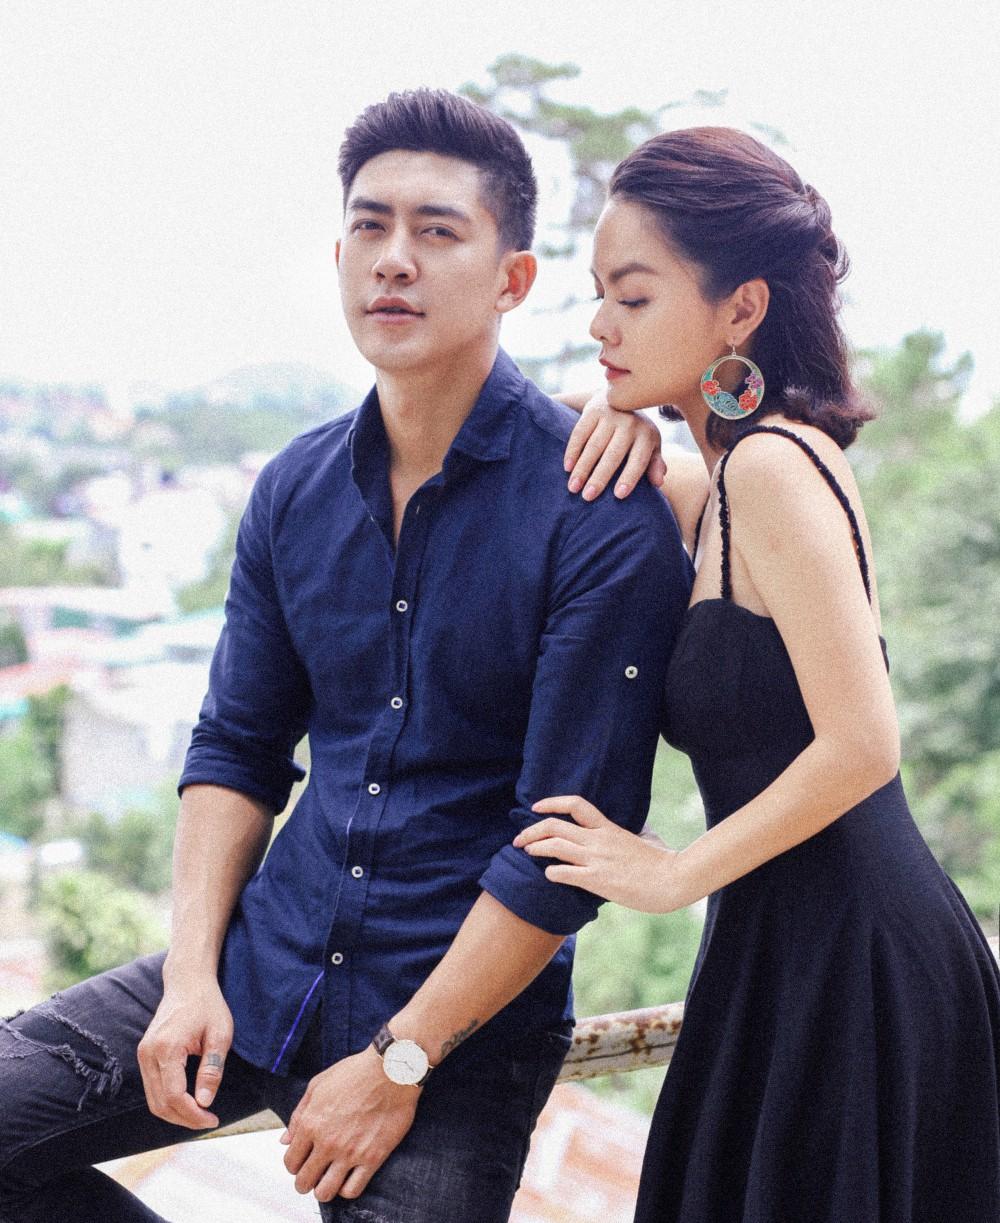 Cao Lâm Viên 'tình cũ' của Phạm Quỳnh Anh bị cư dân mạng nghi lộ ảnh nhạy cảm